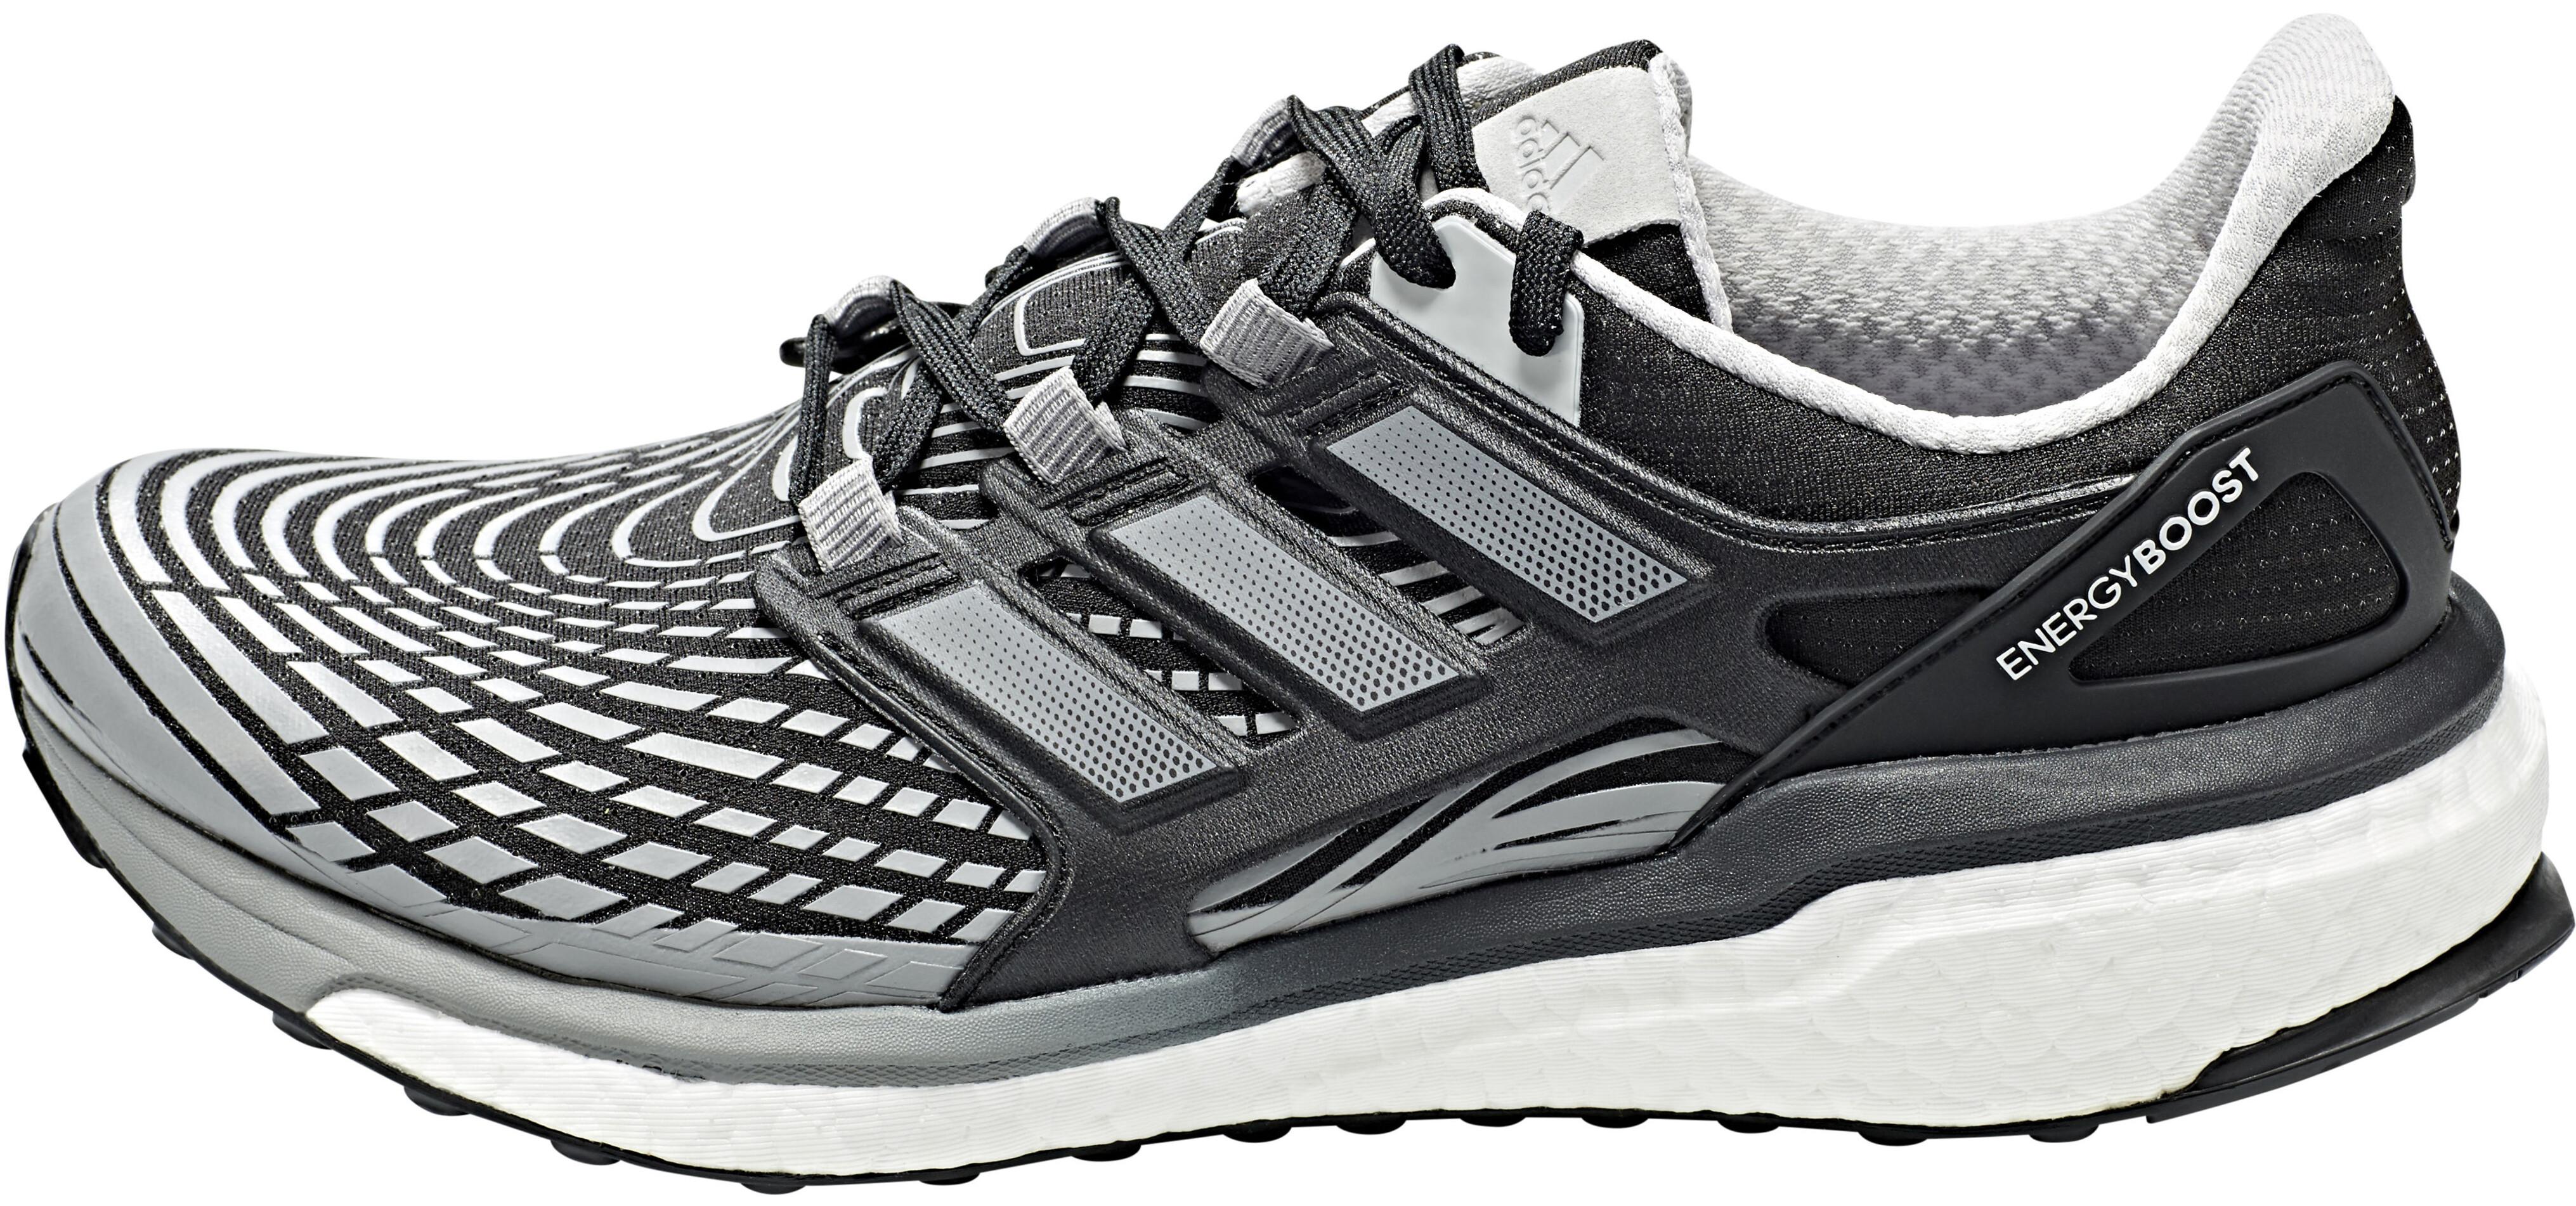 info for 34fdf 09fc2 adidas Energy Boost Hardloopschoenen Heren grijszwart